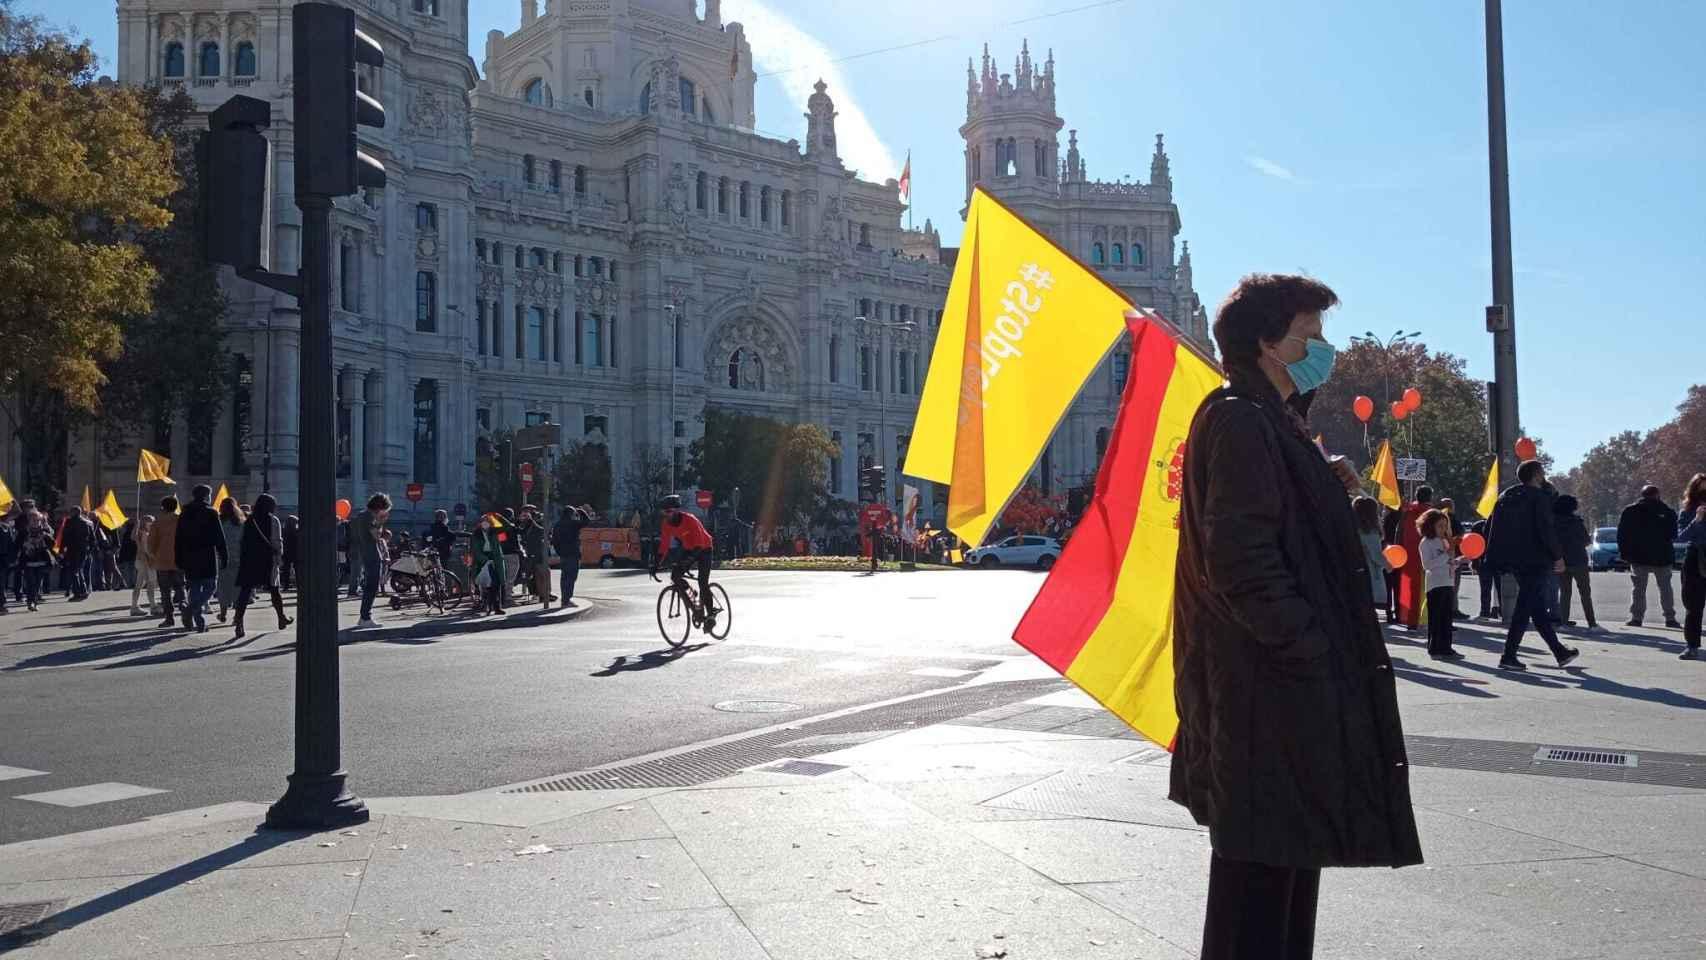 Una mujer ante el Ayuntamiento de Madrid, porta una bandera de España y una baderola contra la Ley Celaá.